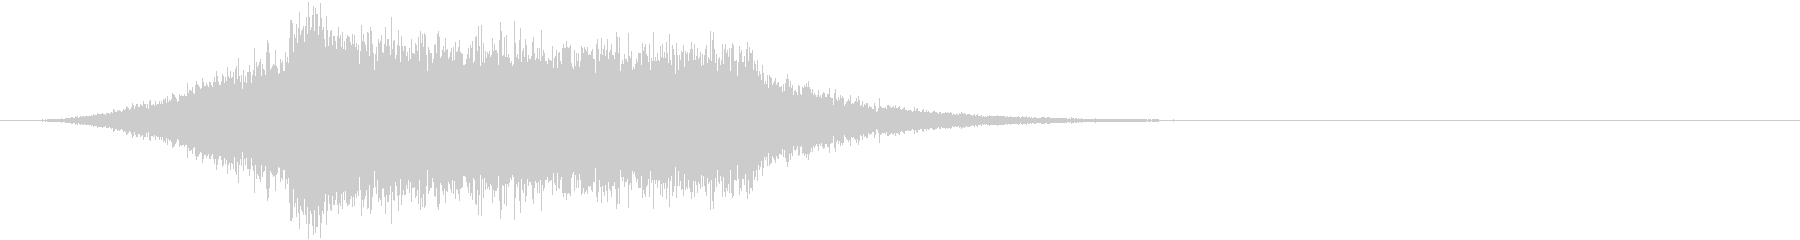 シュルルキーン 移動 魔法 ロゴの未再生の波形